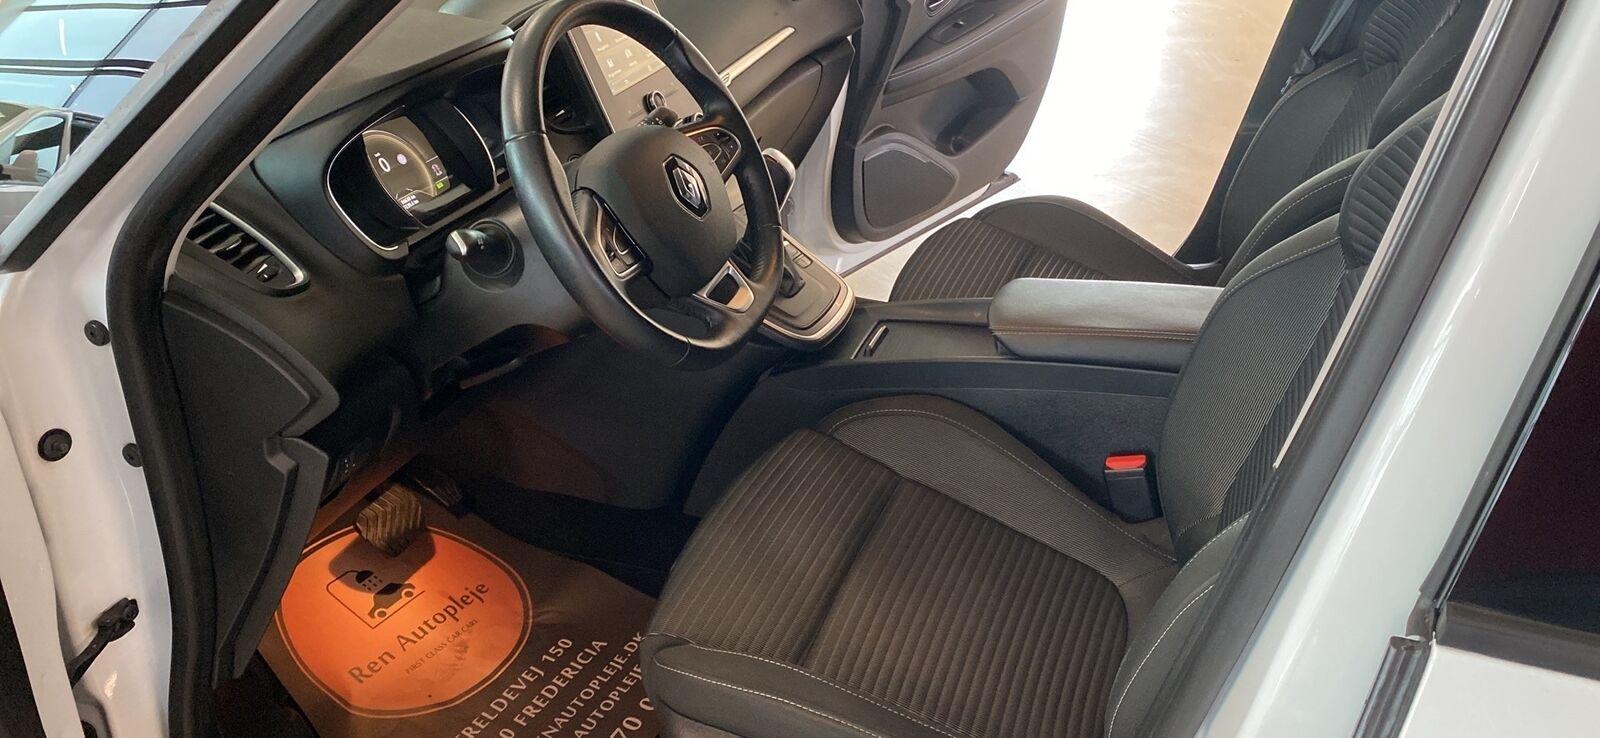 Billede af Renault Grand Scenic IV 1,5 dCi 110 Zen EDC Van